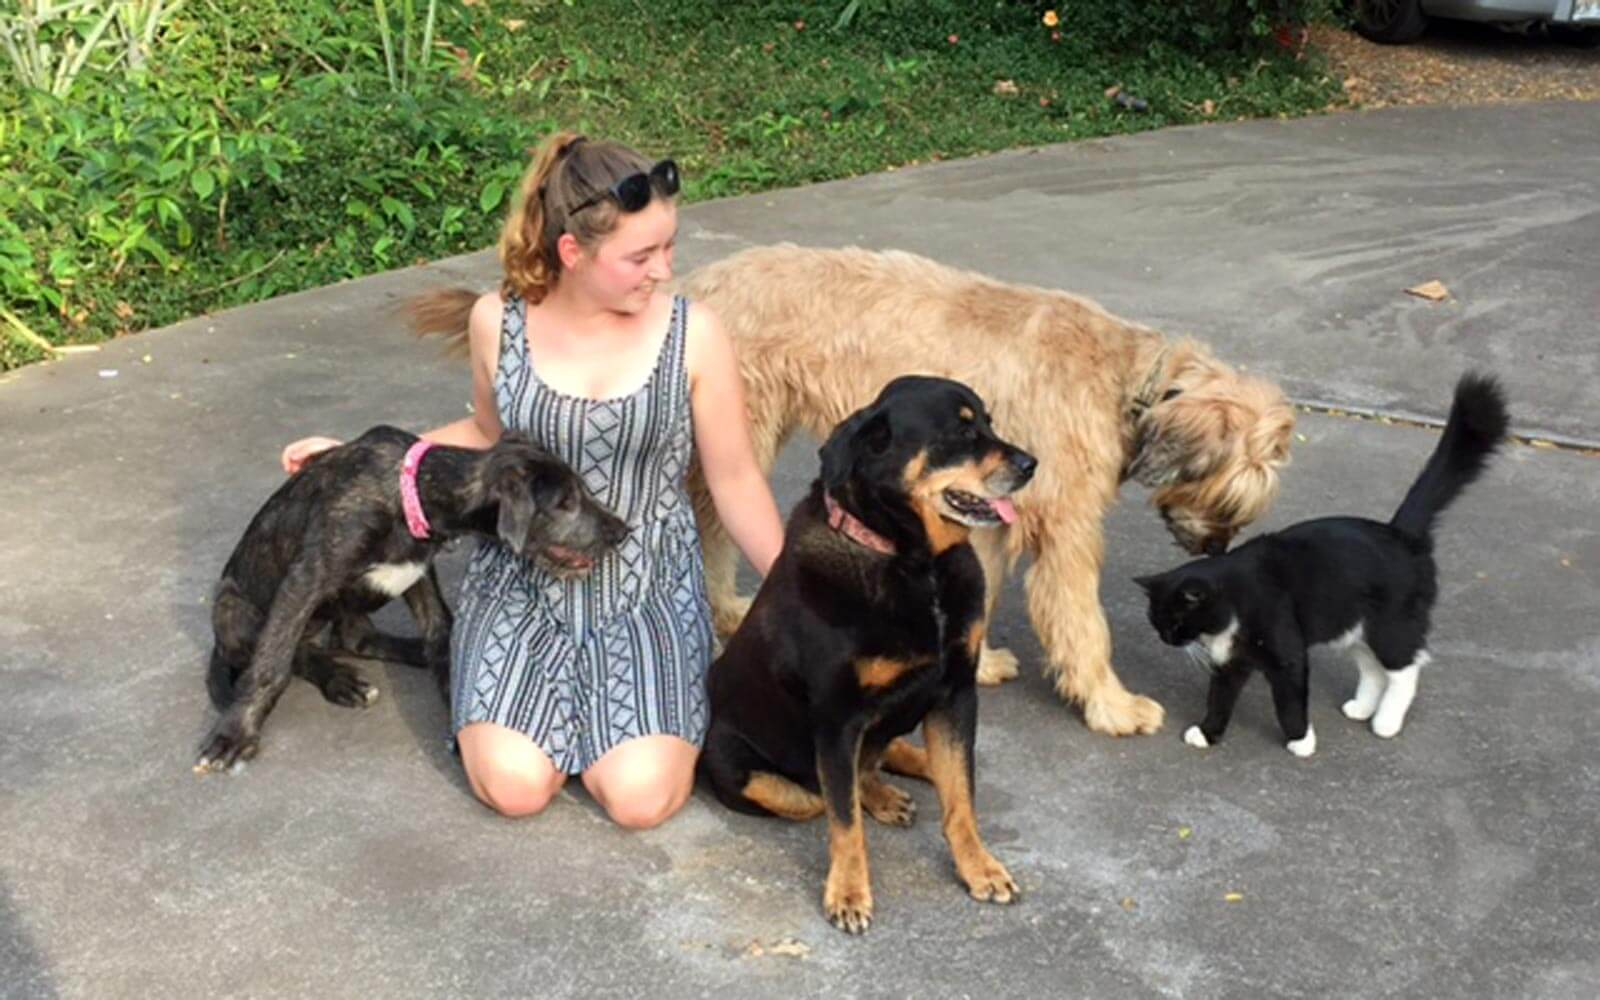 Volunteer Susanne umringt von Hunden und Katzen